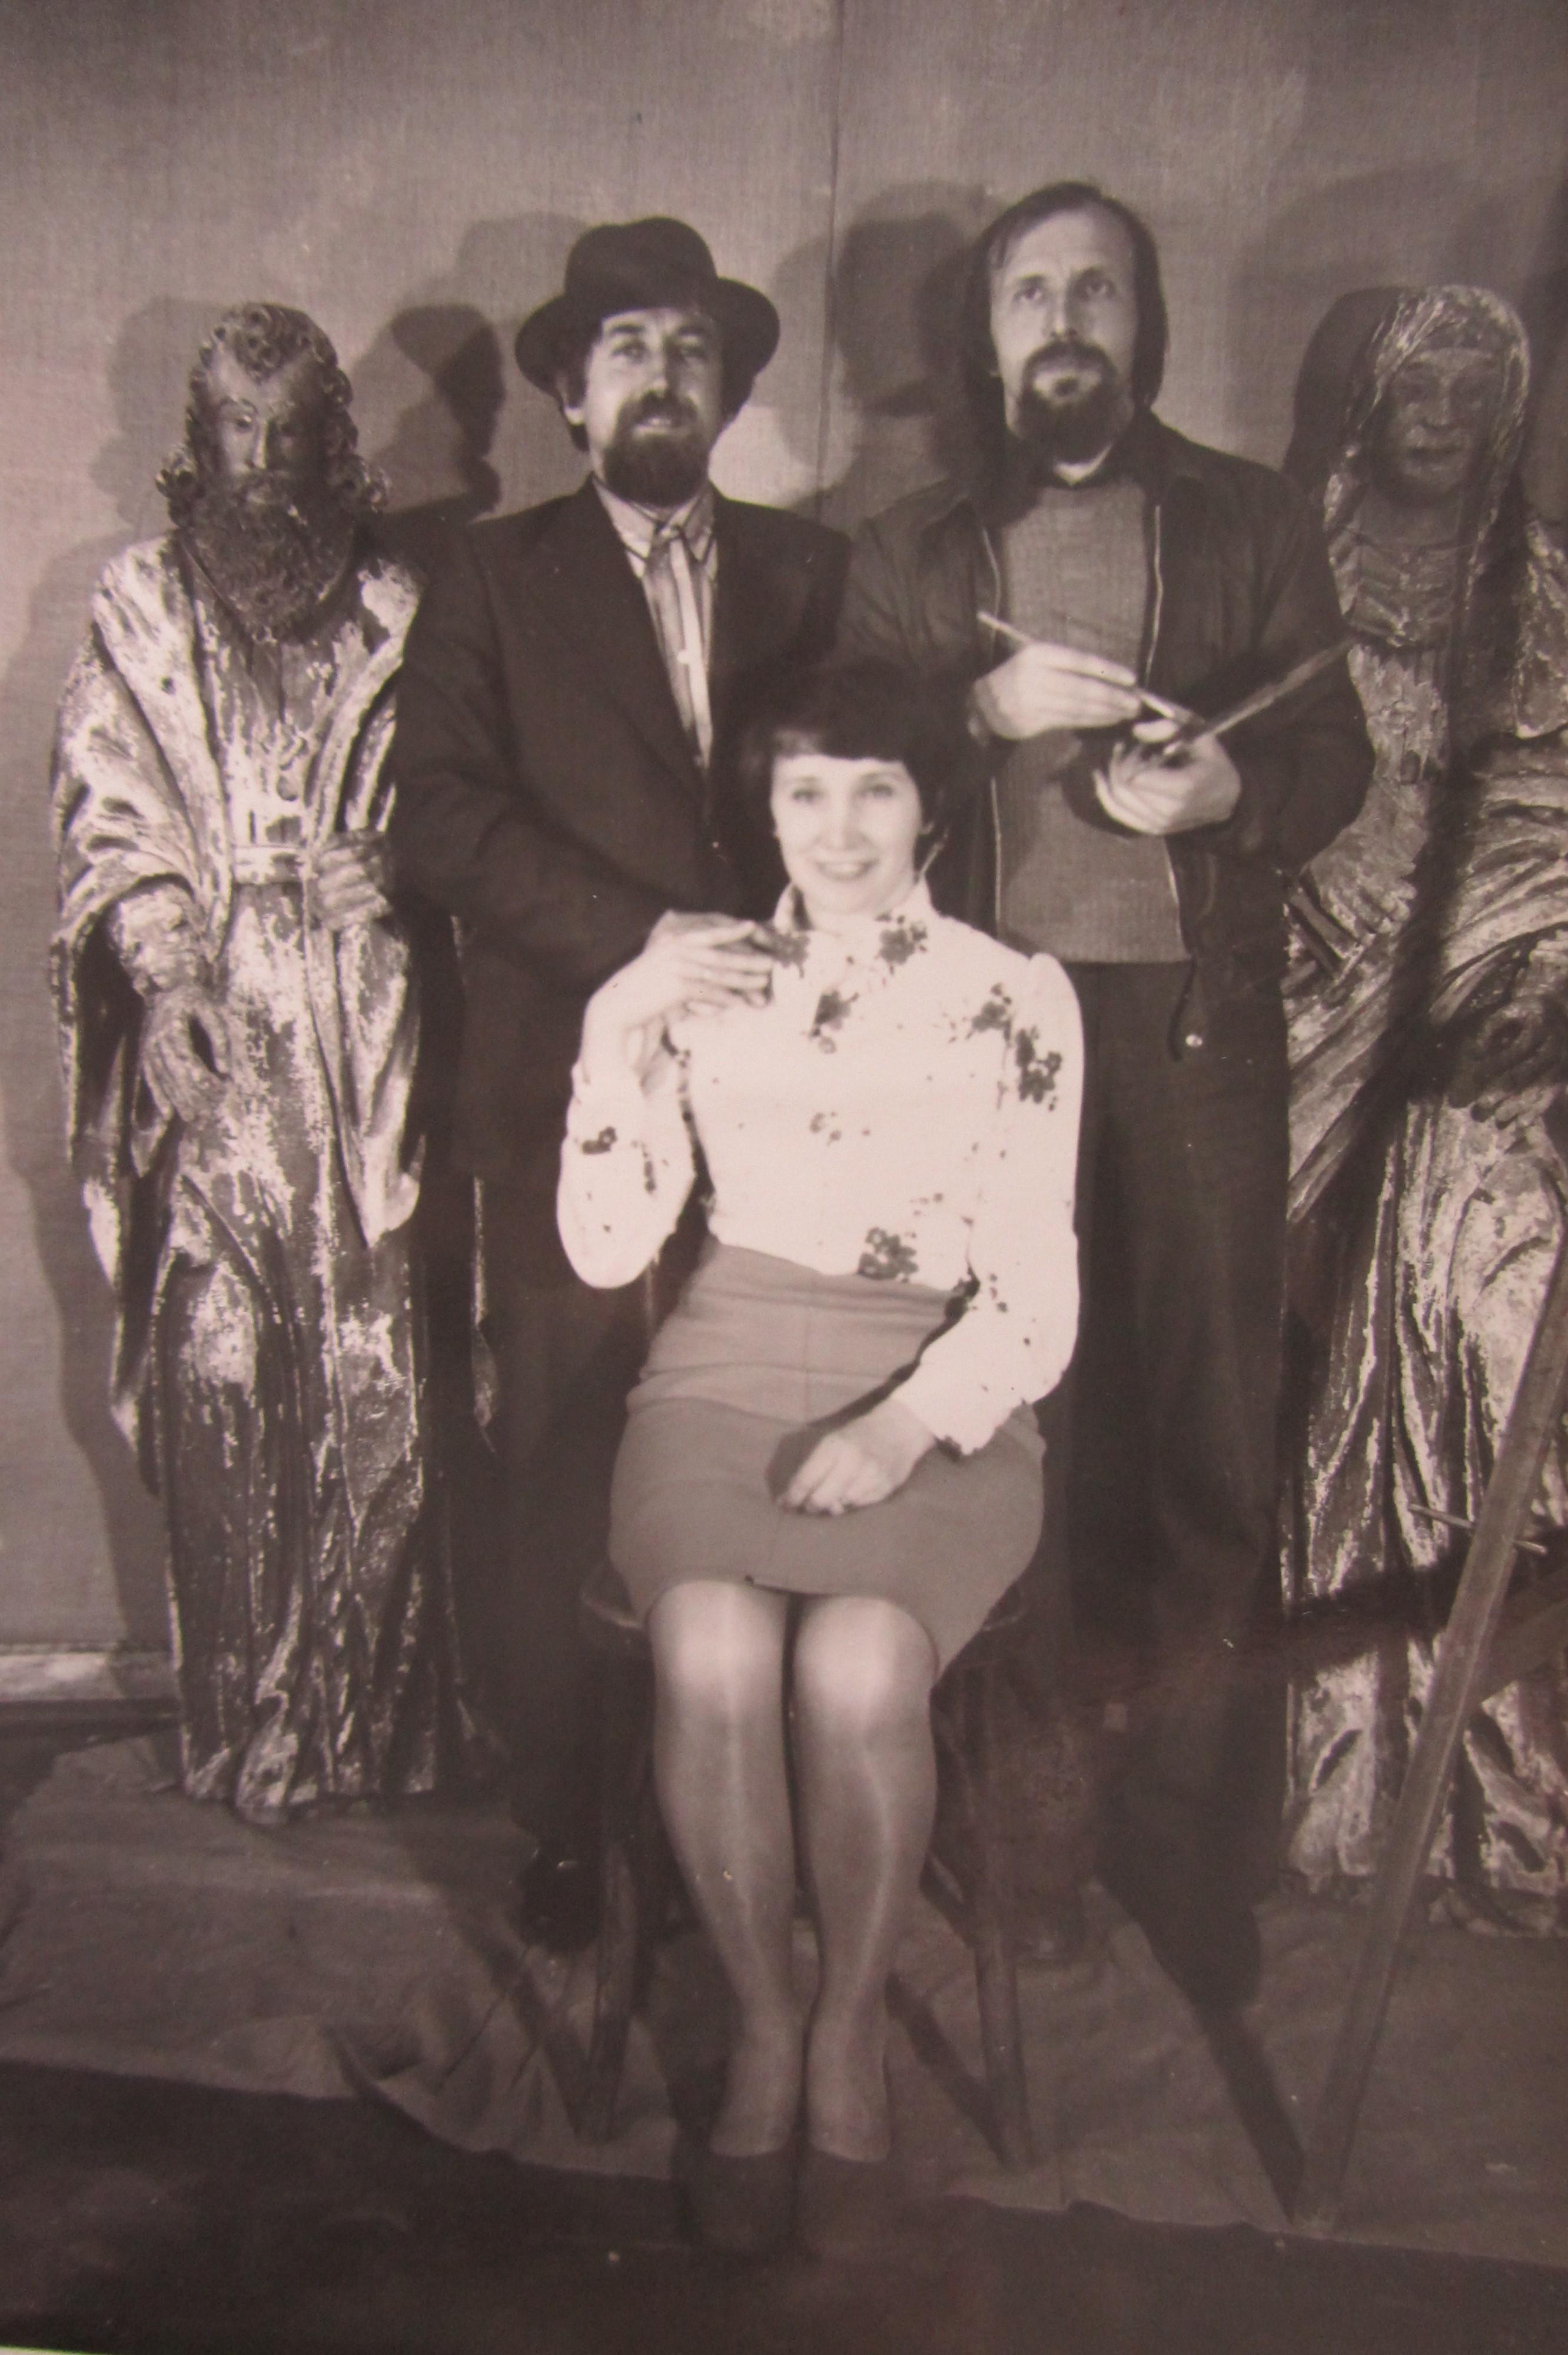 Искусствовед Александр Токарев, художник Валерий Кульченко, Галина Токарева. Фото: Миша Соколенко. Зима 1977 года.